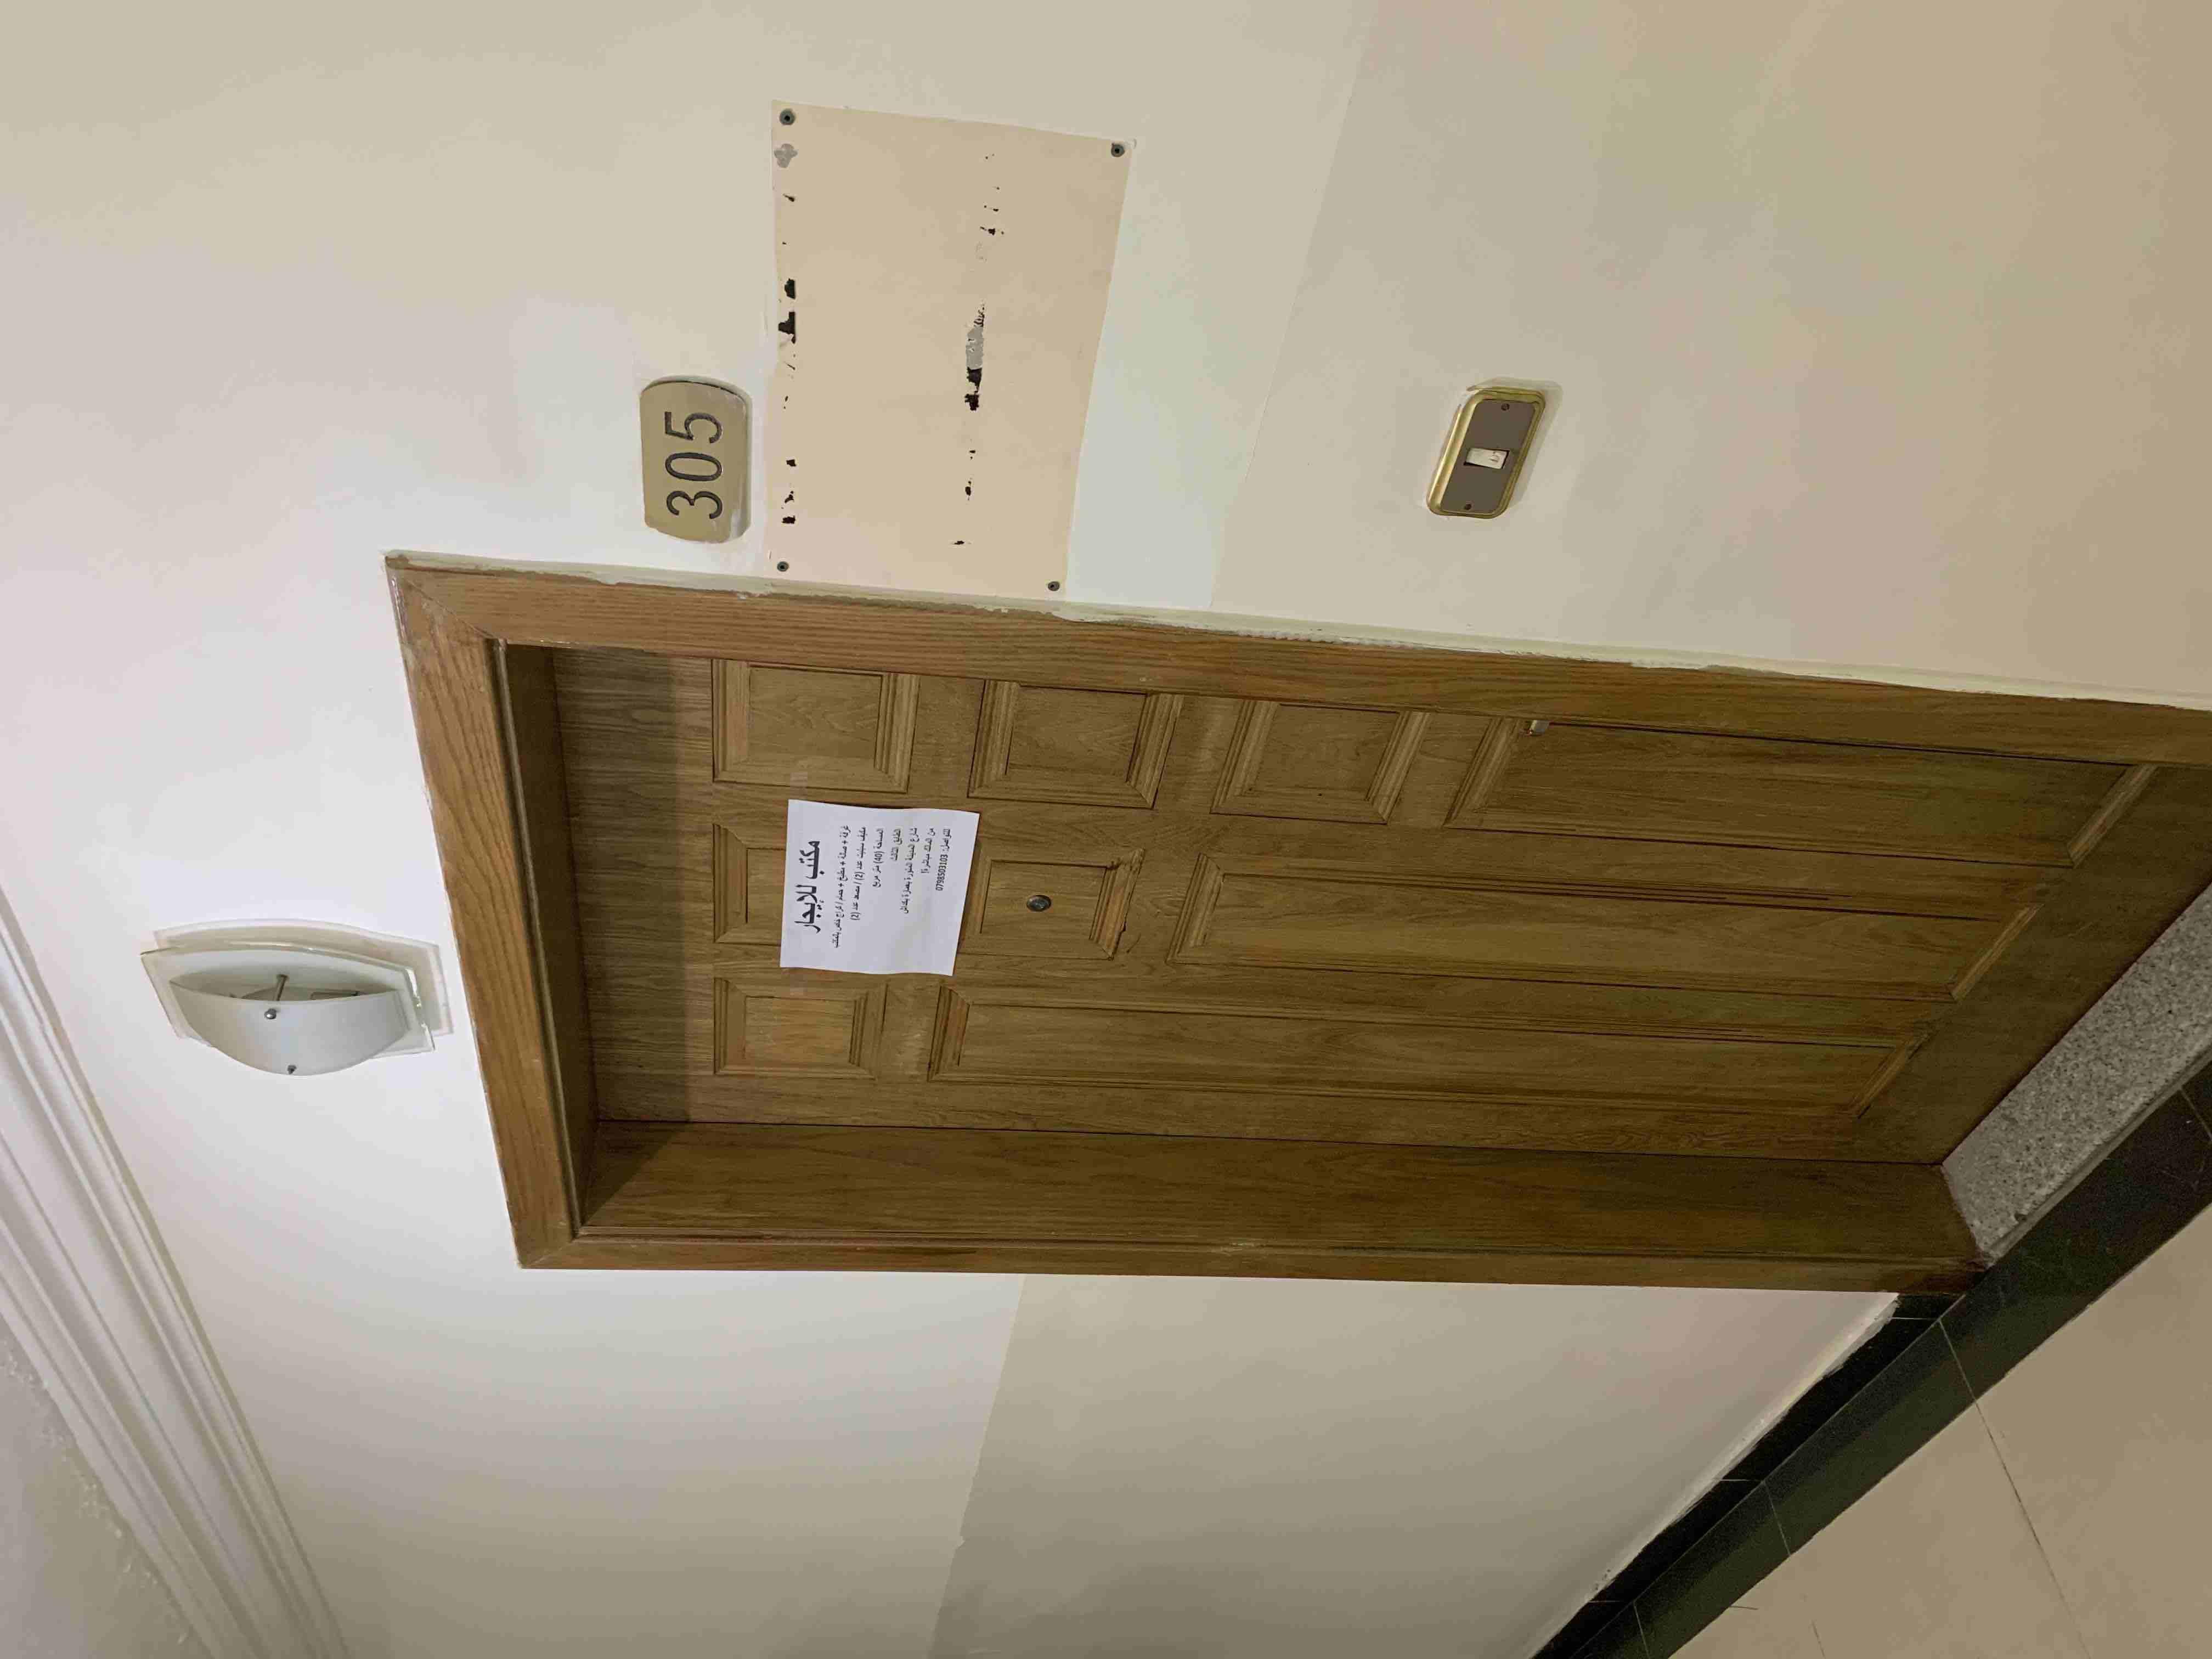 مكتب للايجار غرفة و صالة و حمام و مطبخ مساحة المكتب:- 40 متر مربع...